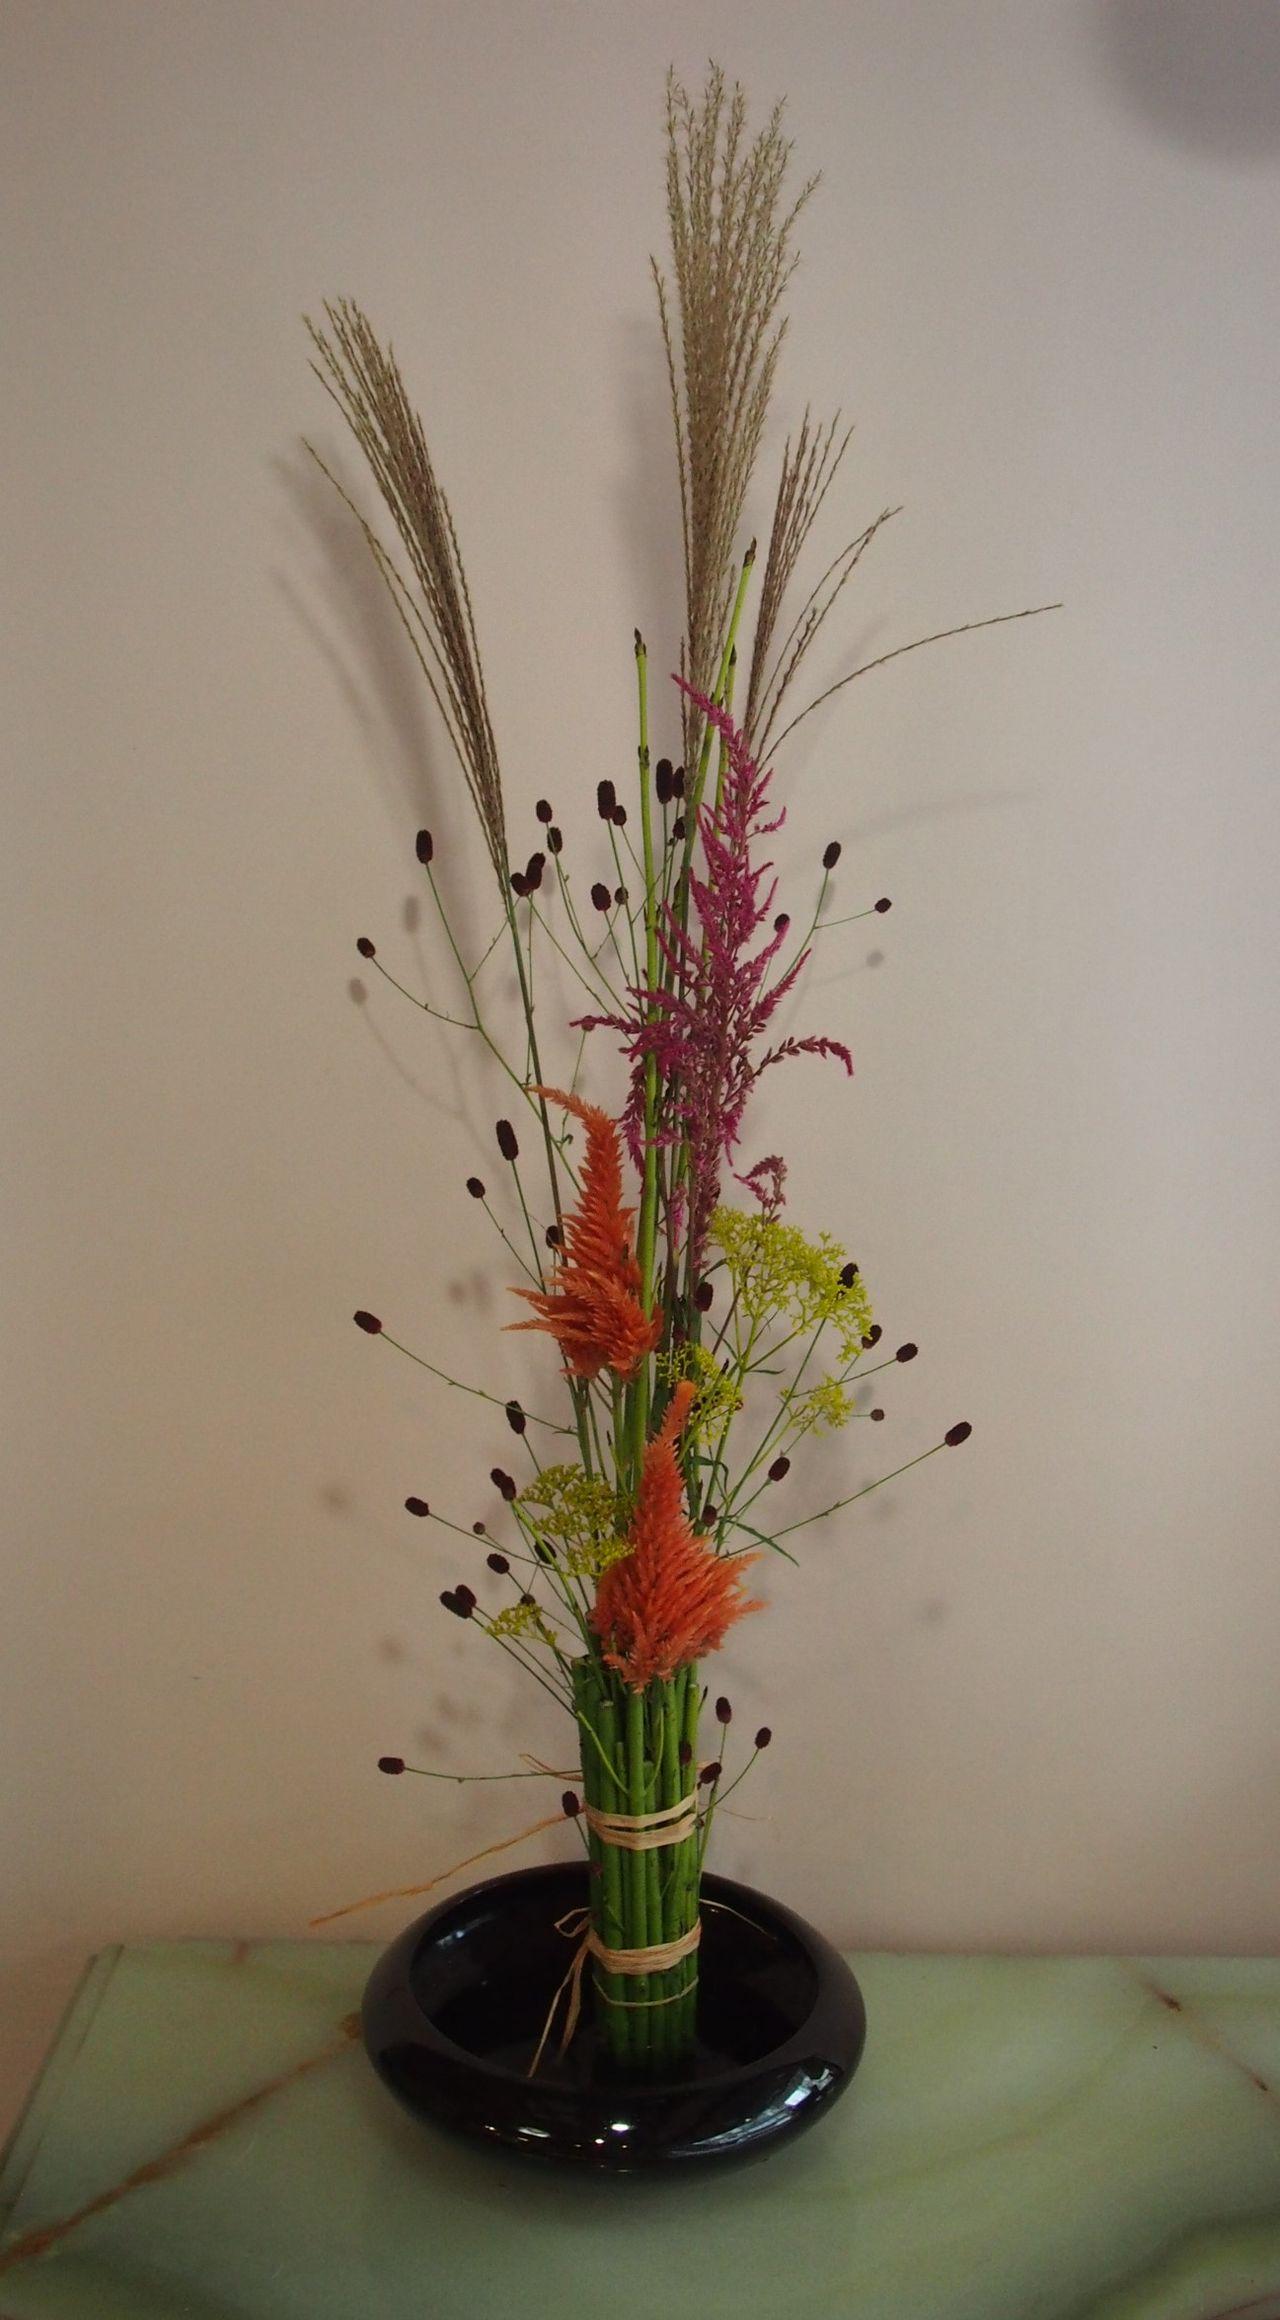 花ギフト フラワーギフト 誕生日 花 カノシェ話題 スタンド花 ウエディングブーケ 花束 花屋 ikedasan